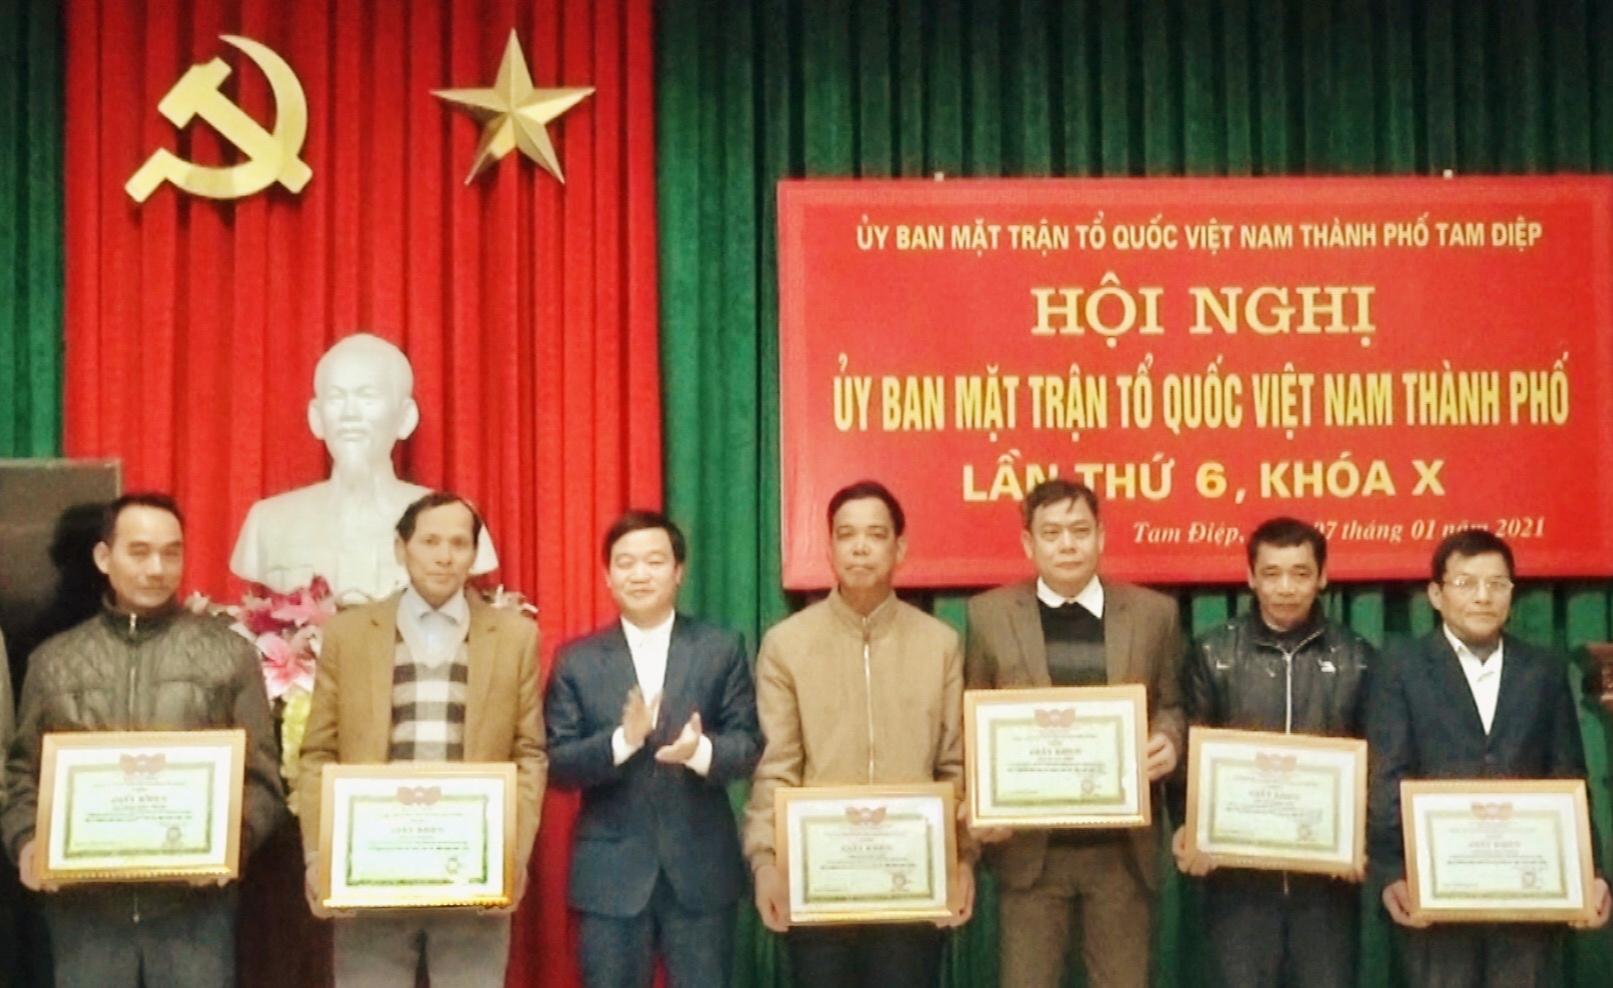 Hội nghị Ủy ban Mặt trận Tổ quốc Việt Nam lần thứ 6 (khóa X); tổng kết công tác Mặt trận năm 2020, triển khai phương hướng, nhiệm vụ năm 2021.